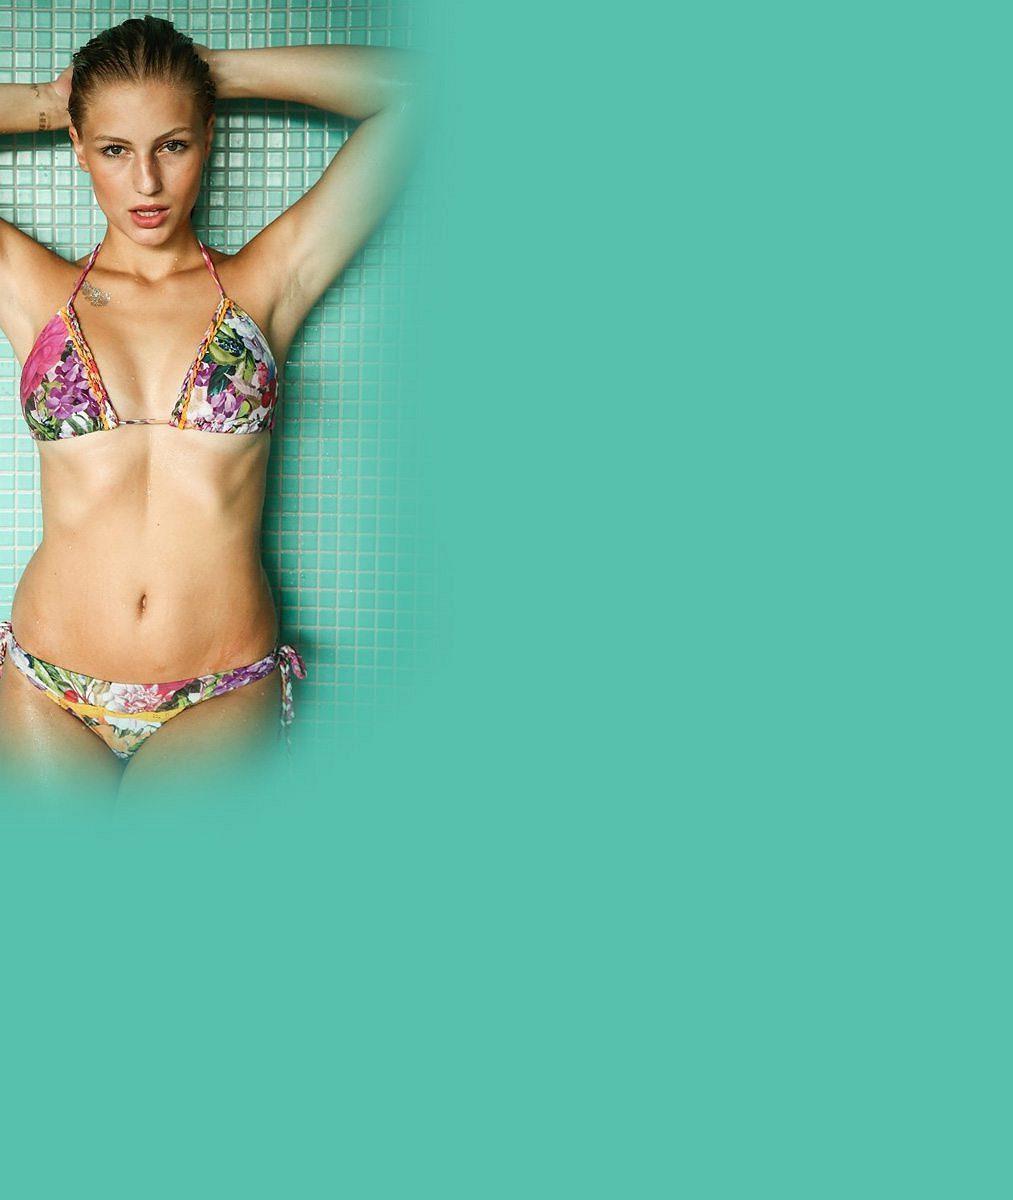 Tohle babí léto si necháme líbit: Česká Miss Earth ukázala v bikinách prvotřídní postavičku